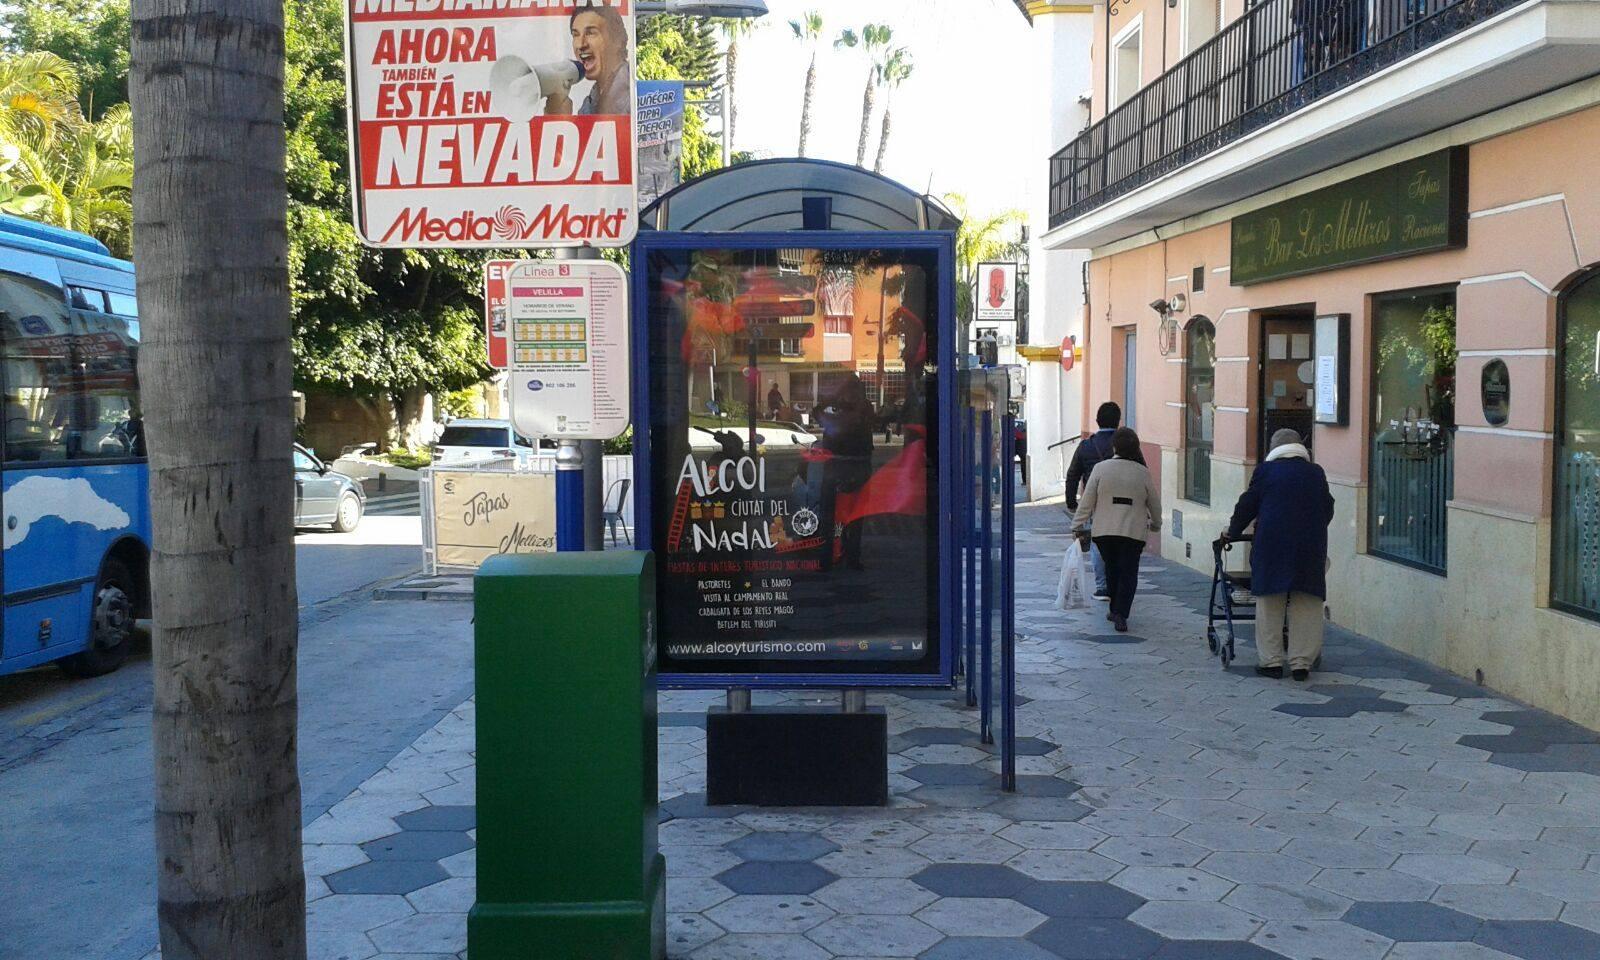 Foto La publicidad de 'Alcoi Ciutat del Nadal' ha llegado a las principales ciudades turísticas de Andalucía